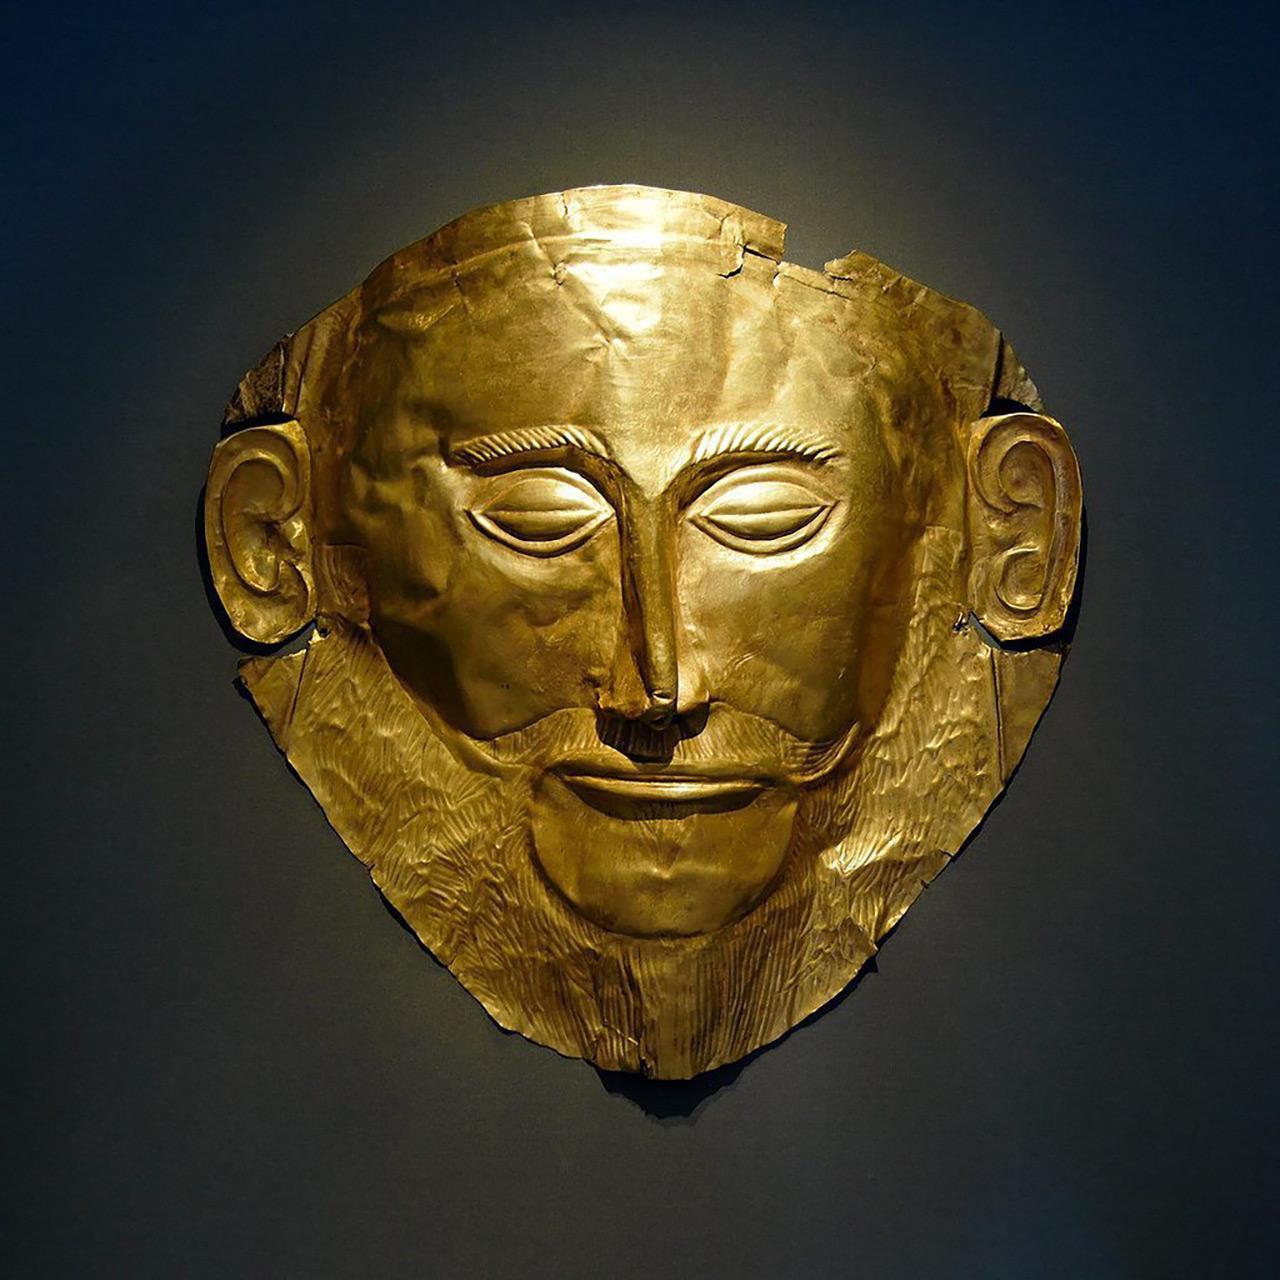 หน้ากากทองที่ชลีมานน์เชื่อว่าเป็นของอกาเมมนอน.